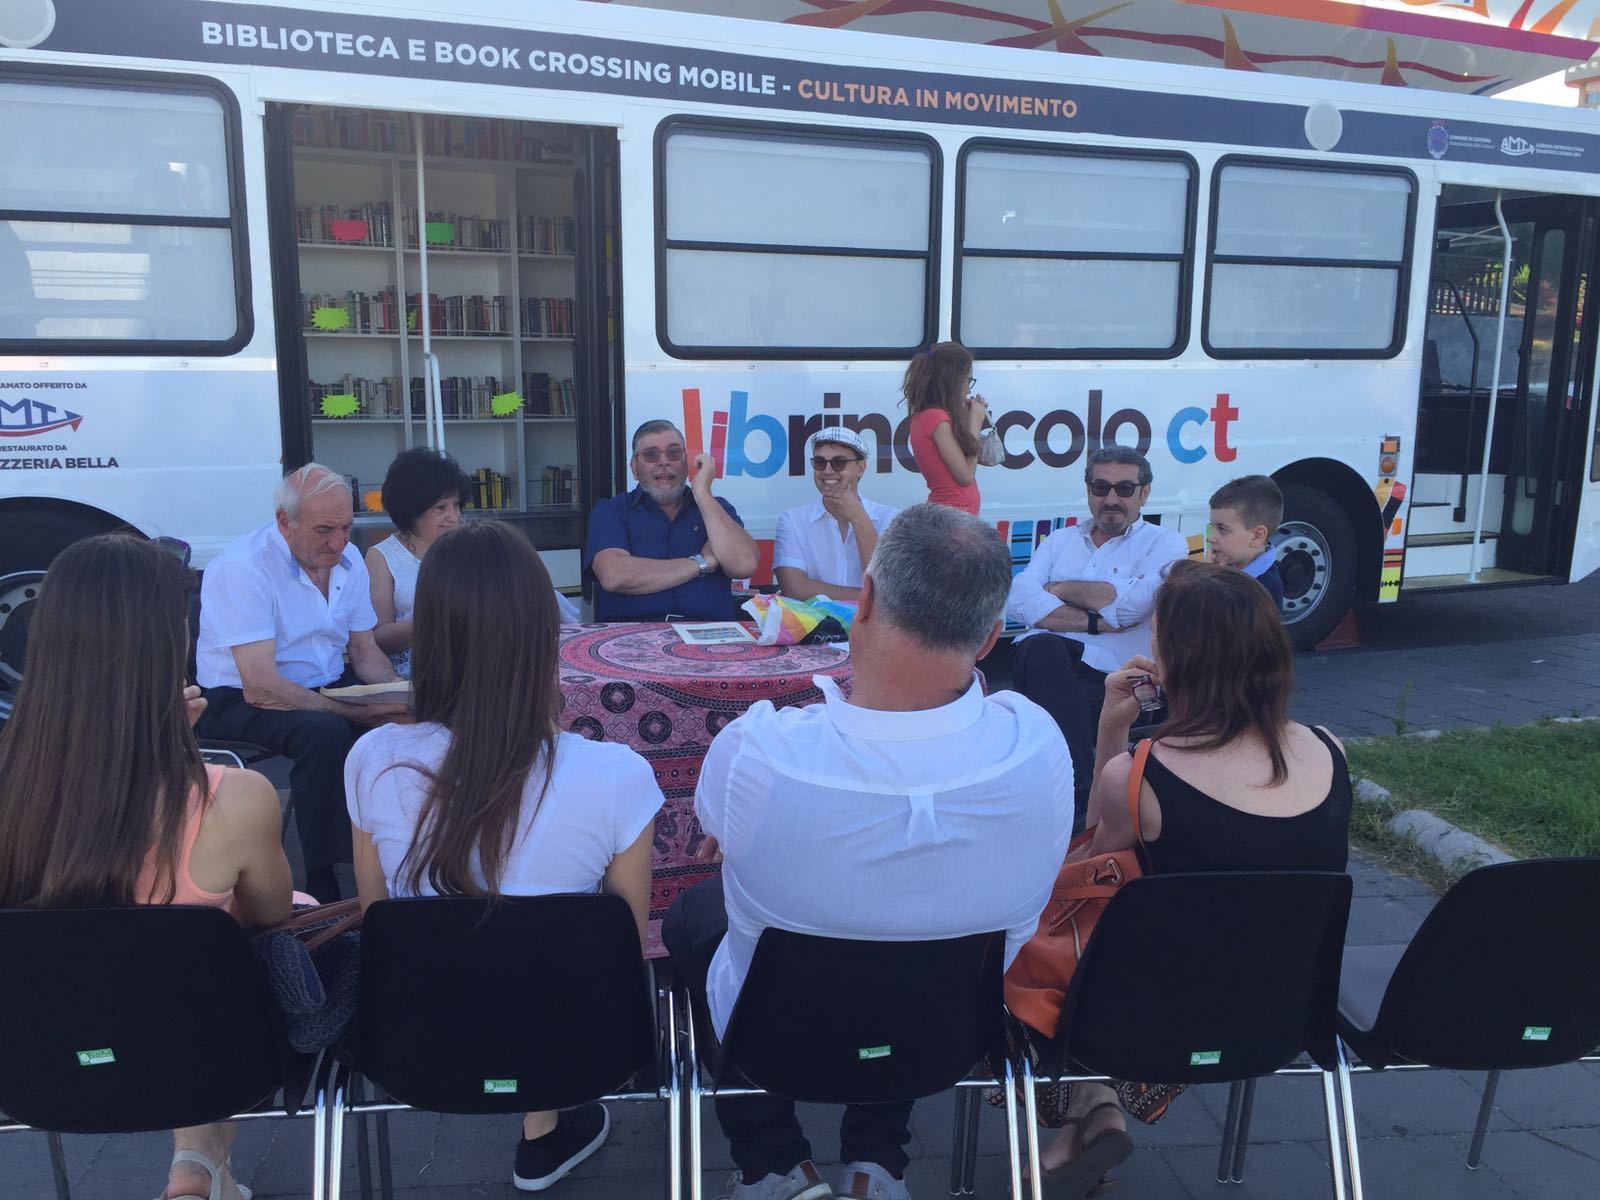 Autobooks diventa l'attrazione del lungomare liberato a Catania